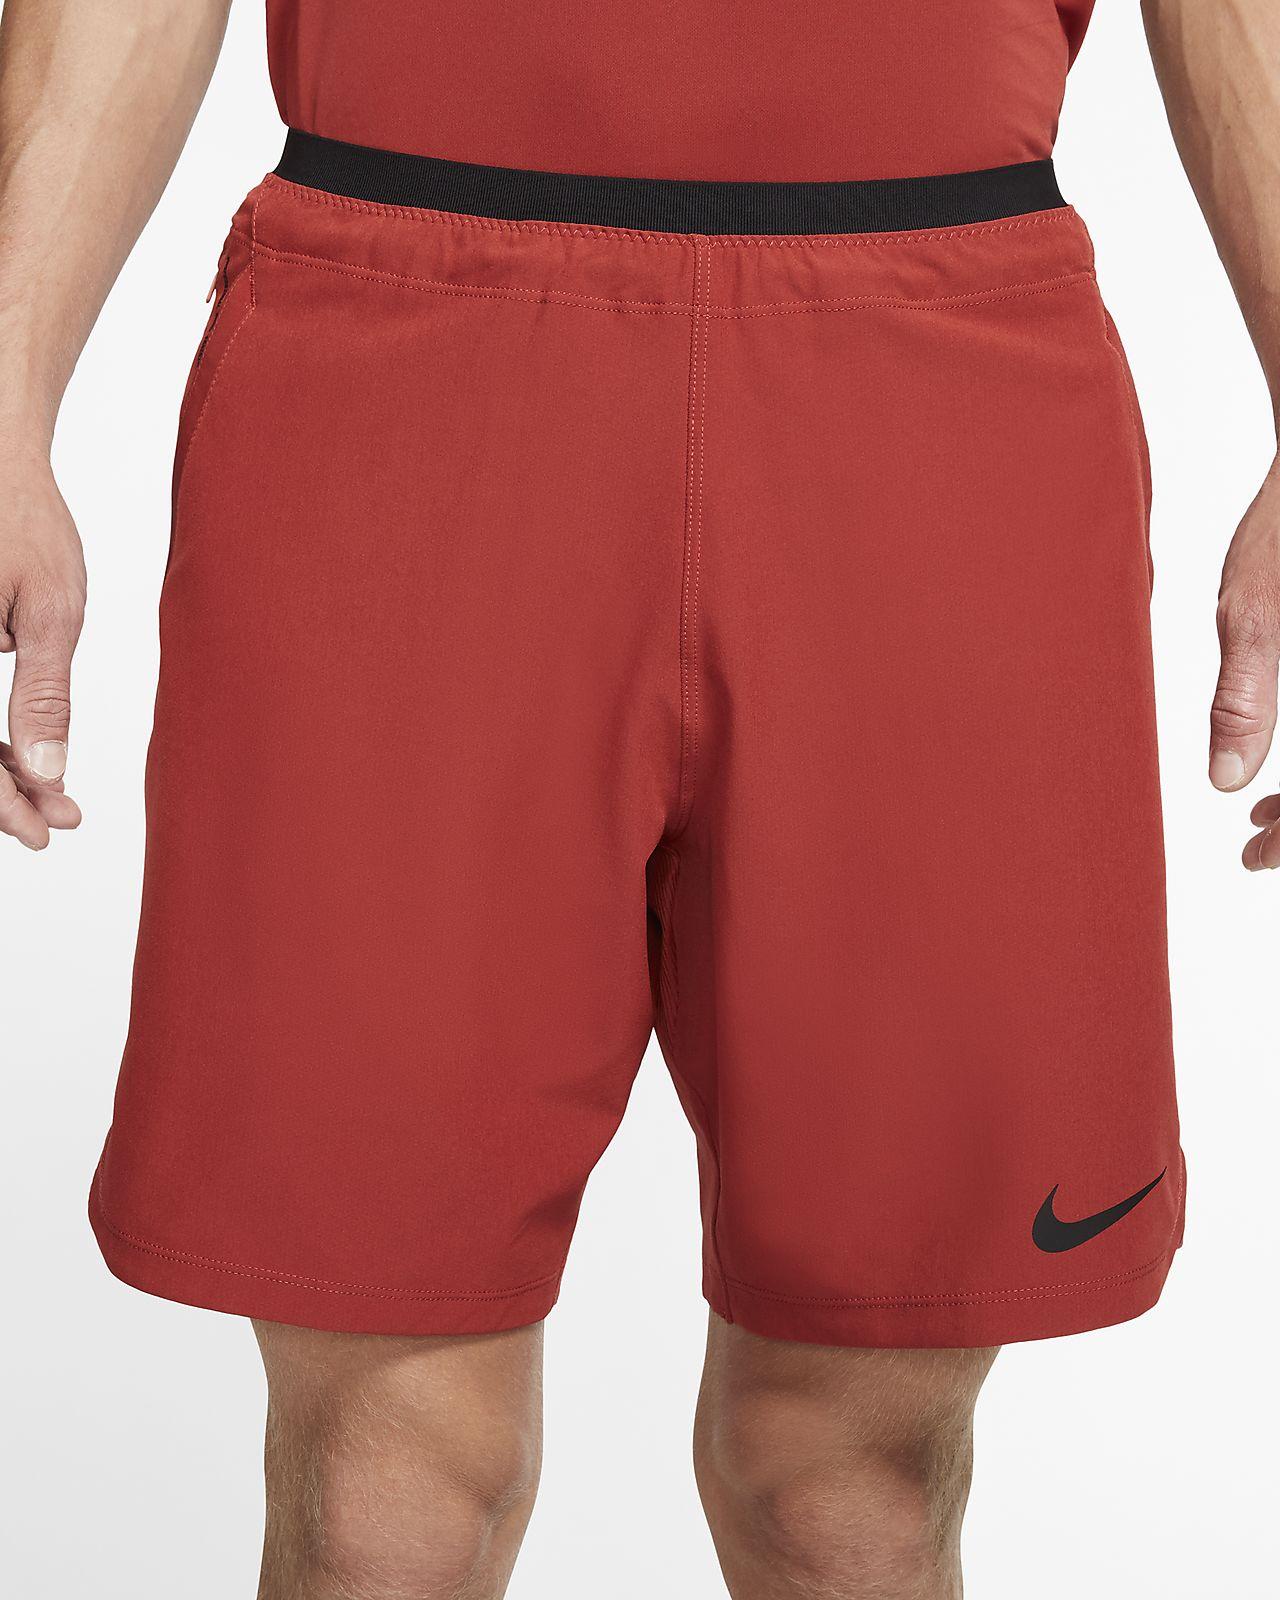 Nike Pro Flex Rep Men's Shorts